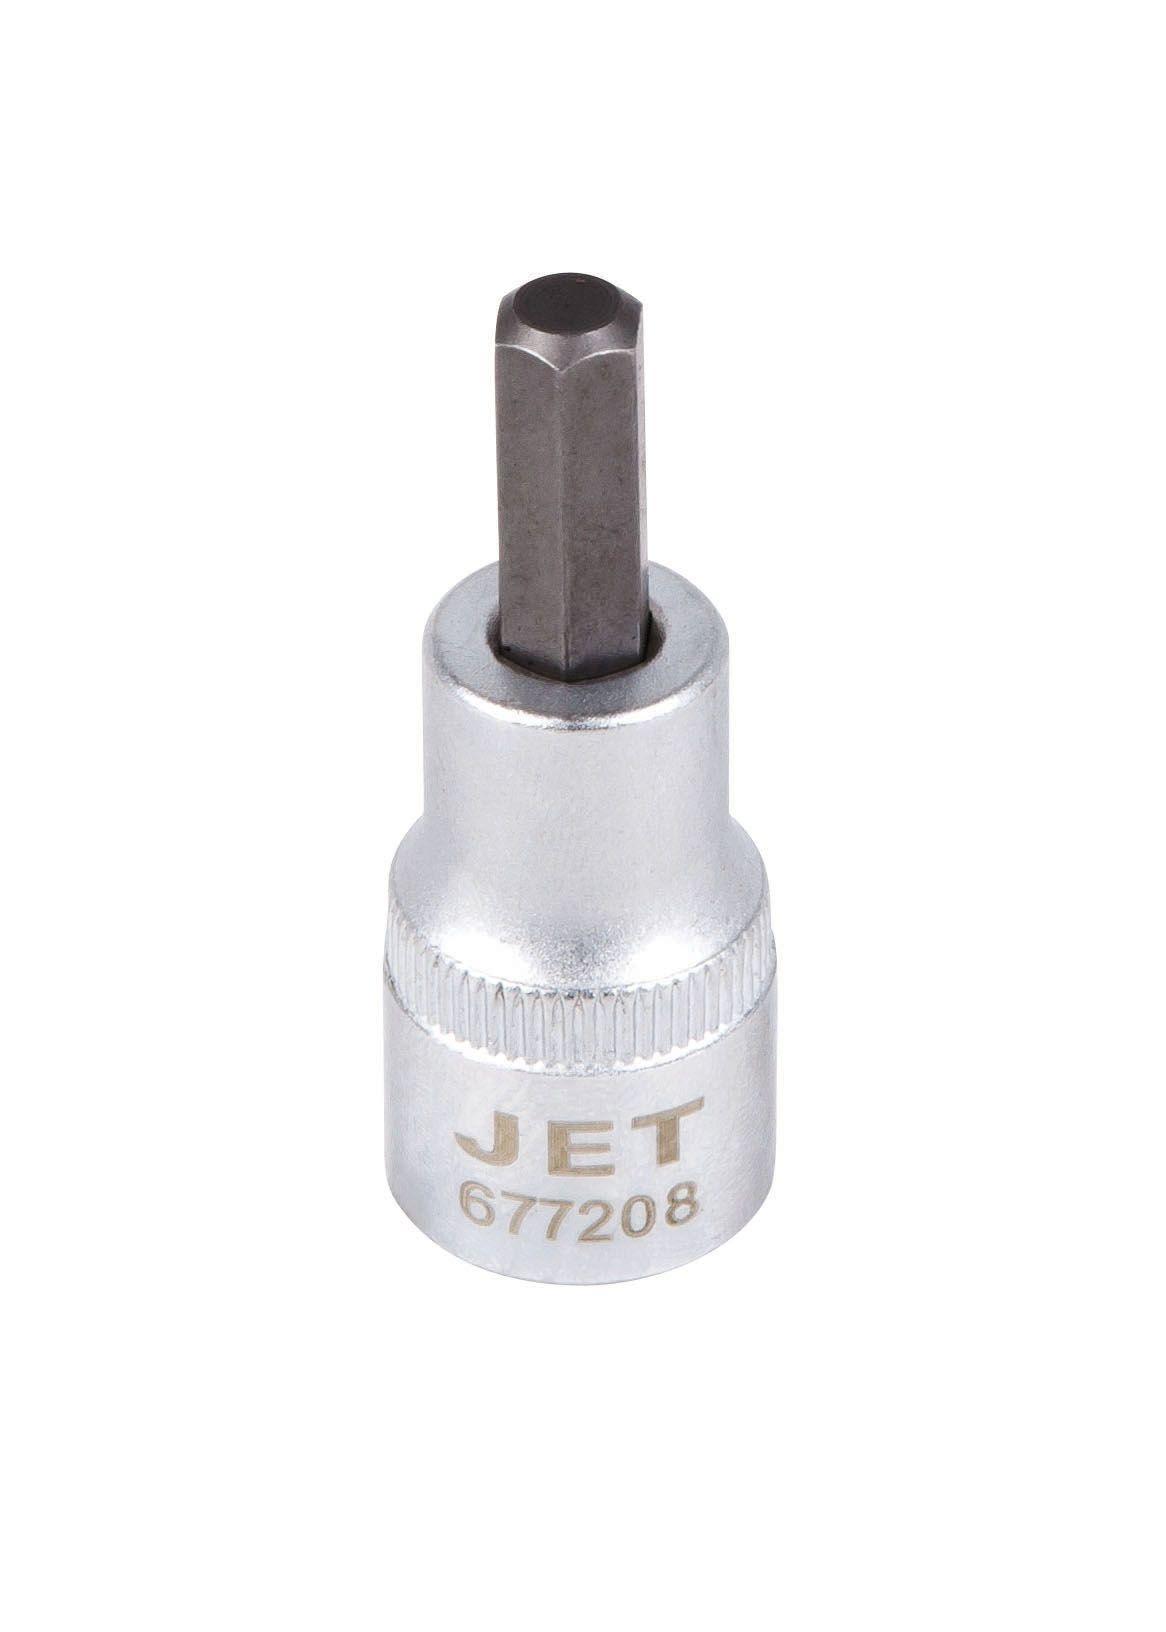 Jet 677206 Douille hexagonale 3/16